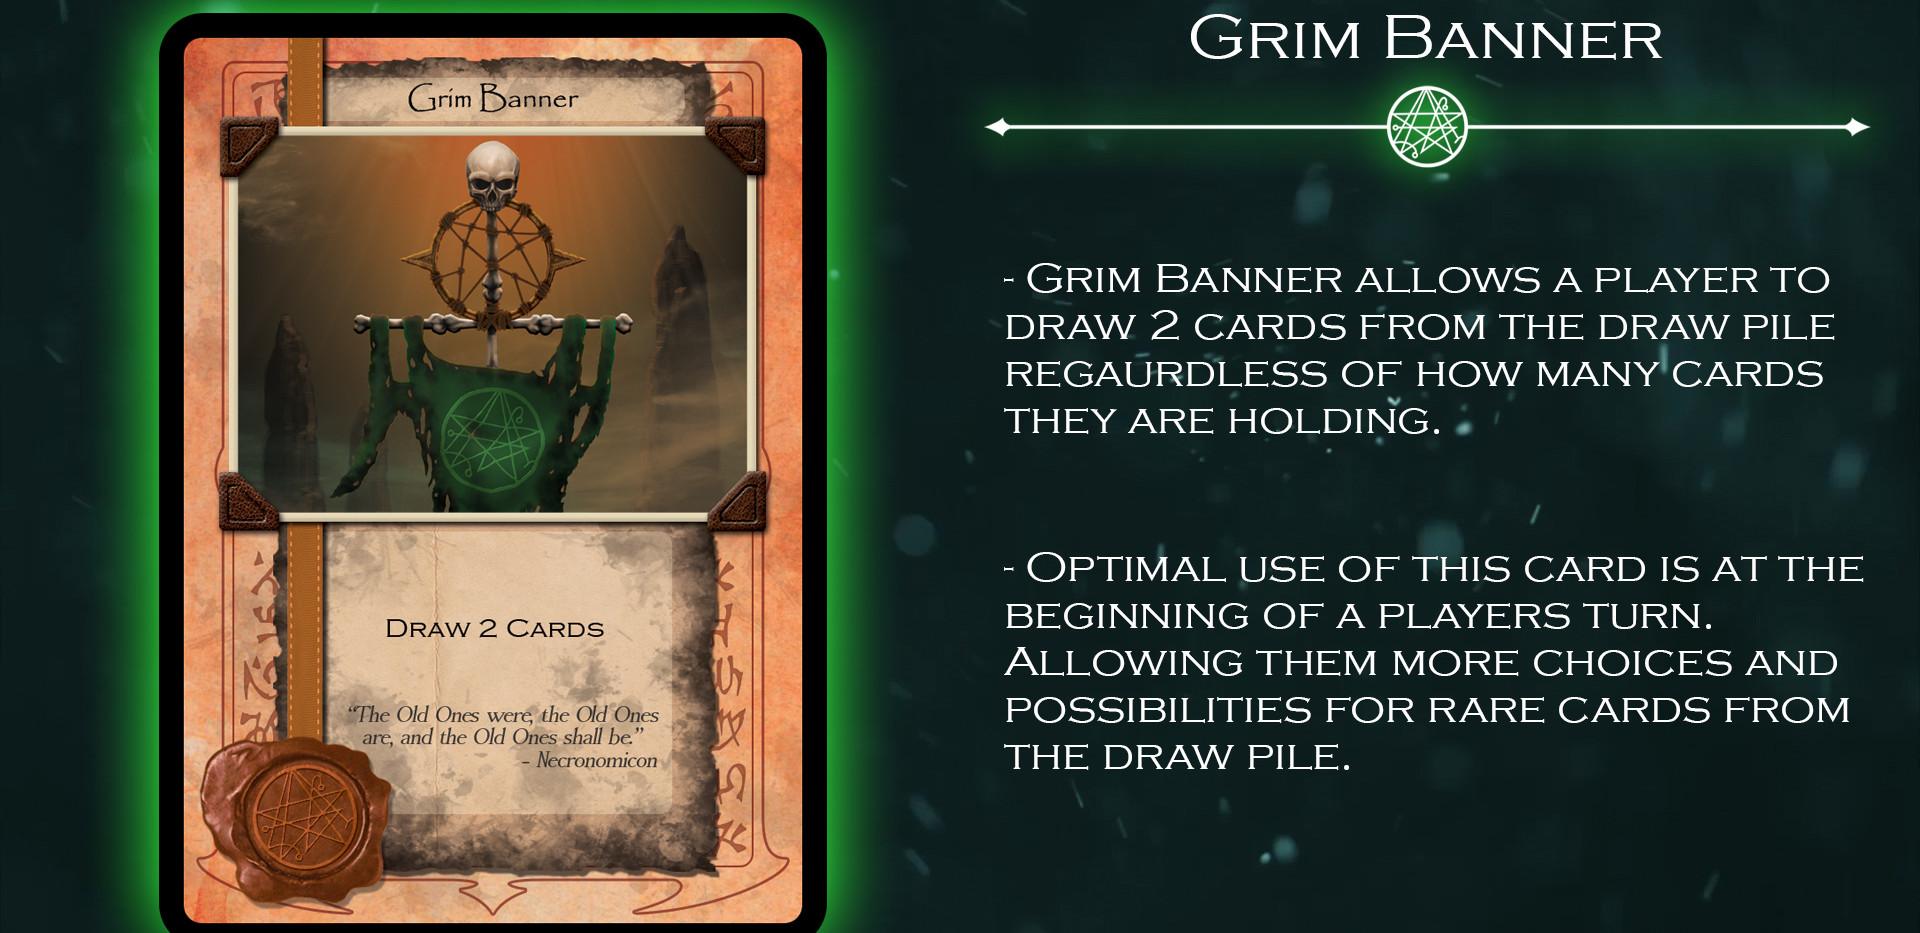 Grim Banner Card